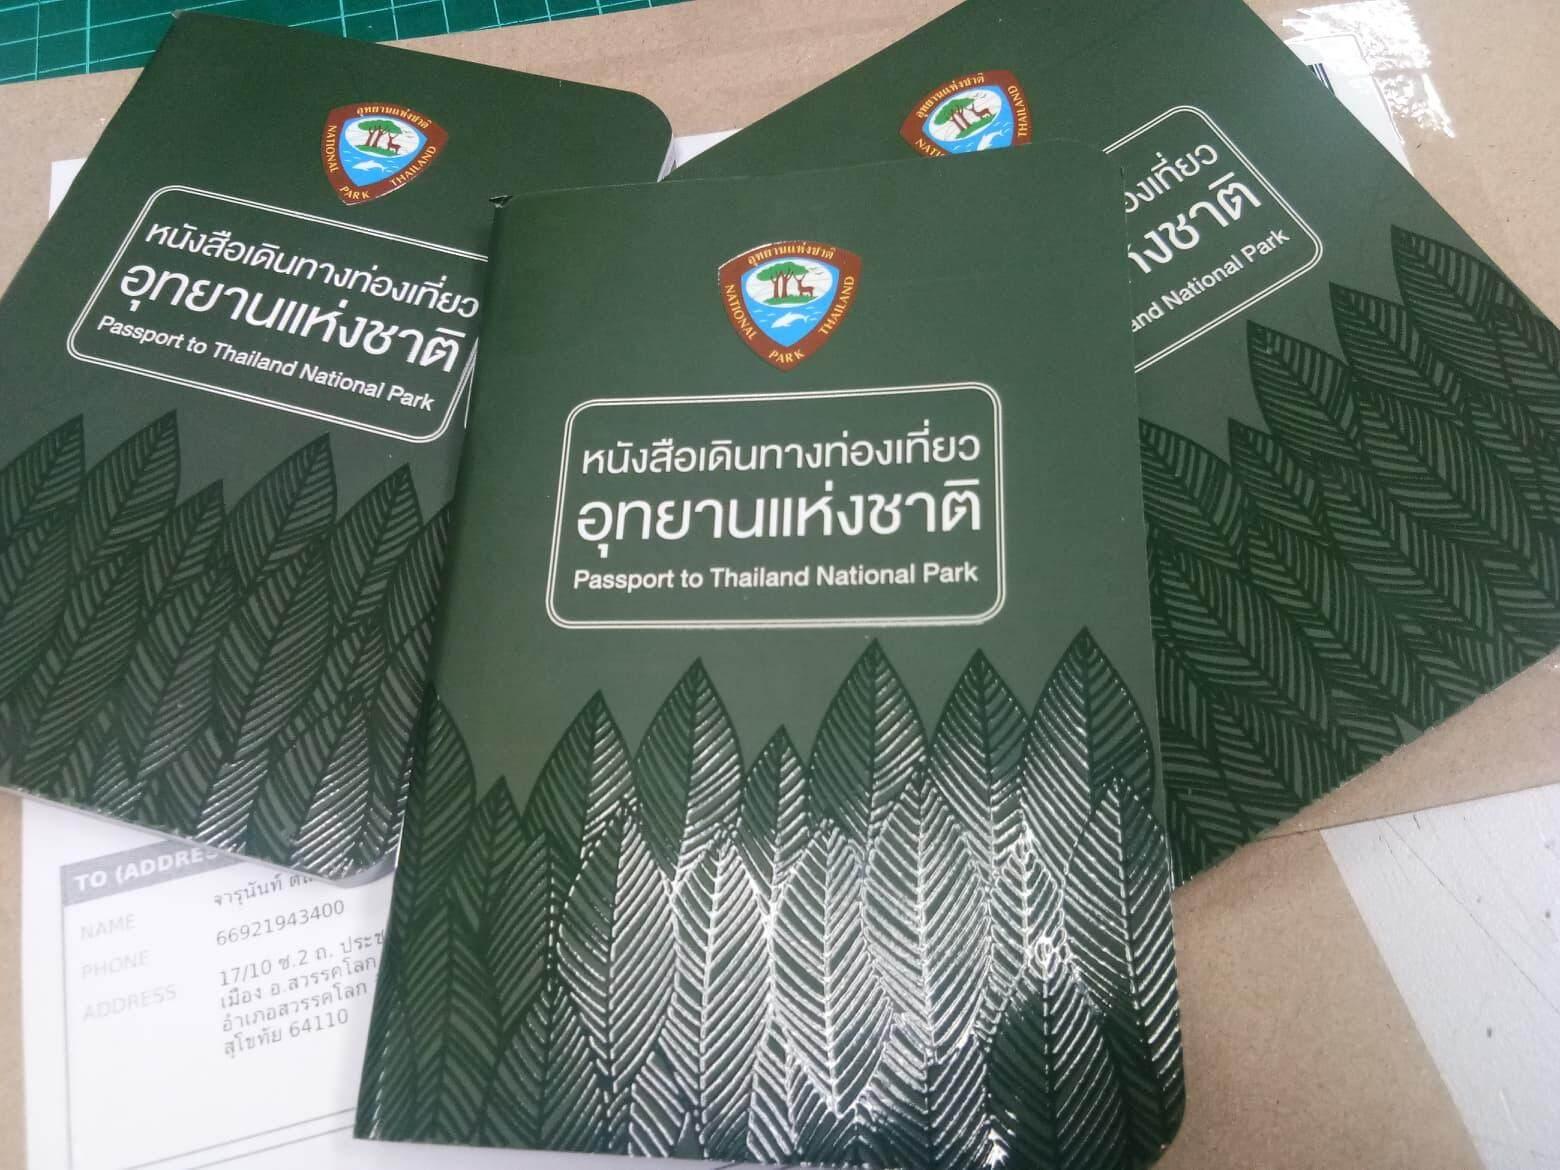 หนังสือเดินทางท่องเที่ยวอุทยานแห่งชาติ By Pheungpheung.